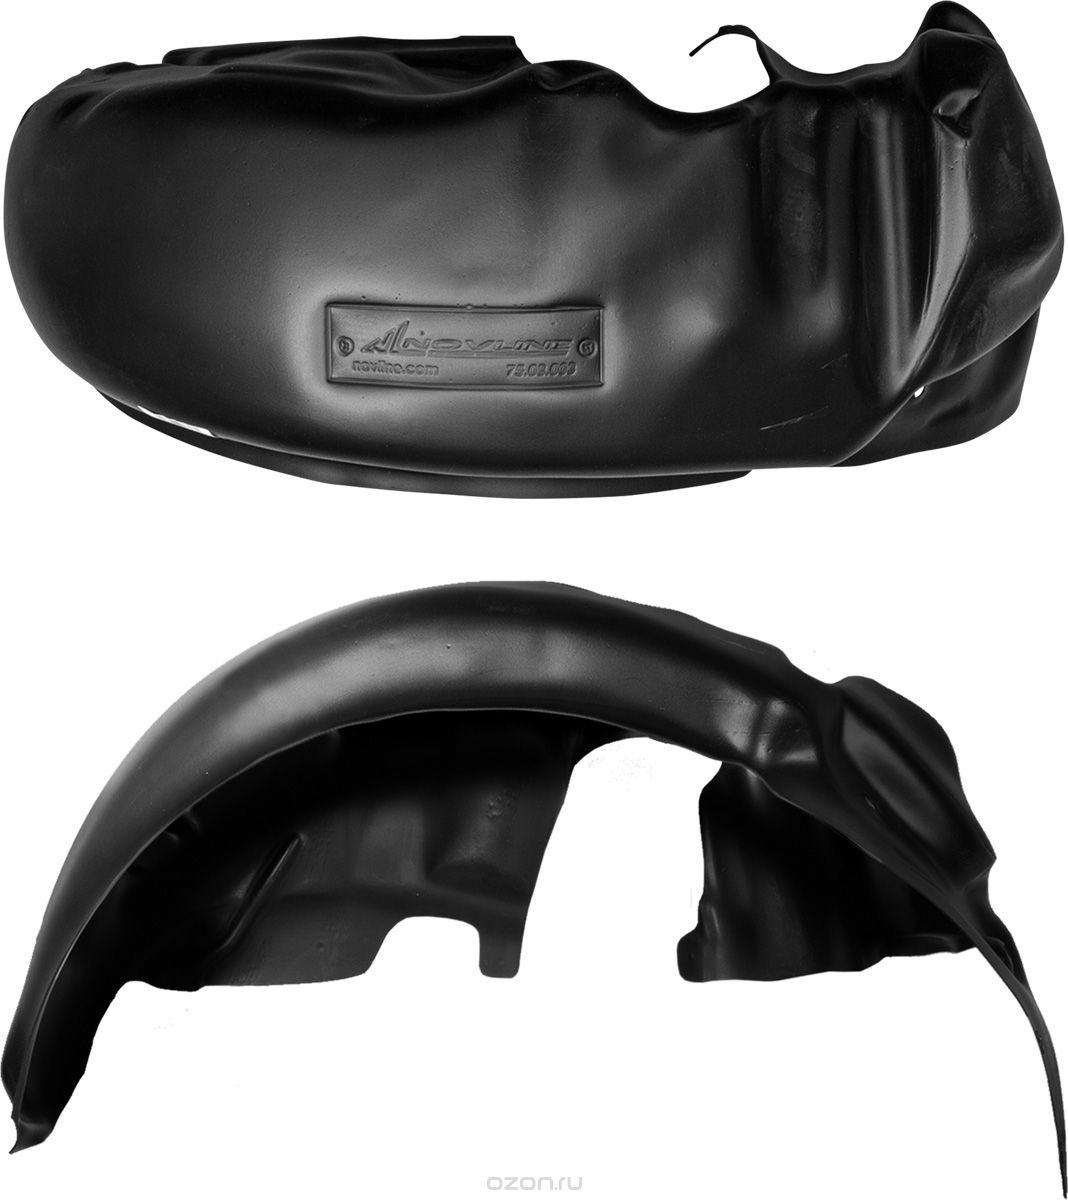 Подкрылок Novline-Autofamily, для Fiat FullBack, 2016->, задний правыйNLL.15.22.004Идеальная защита колесной ниши. Локеры разработаны с применением цифровых технологий, гарантируют максимальную повторяемость поверхности арки. Изделия устанавливаются без нарушения лакокрасочного покрытия автомобиля, каждый подкрылок комплектуется крепежом. Уважаемые клиенты, обращаем ваше внимание, что фотографии на подкрылки универсальные и не отражают реальную форму изделия. При этом само изделие идет точно под размер указанного автомобиля.